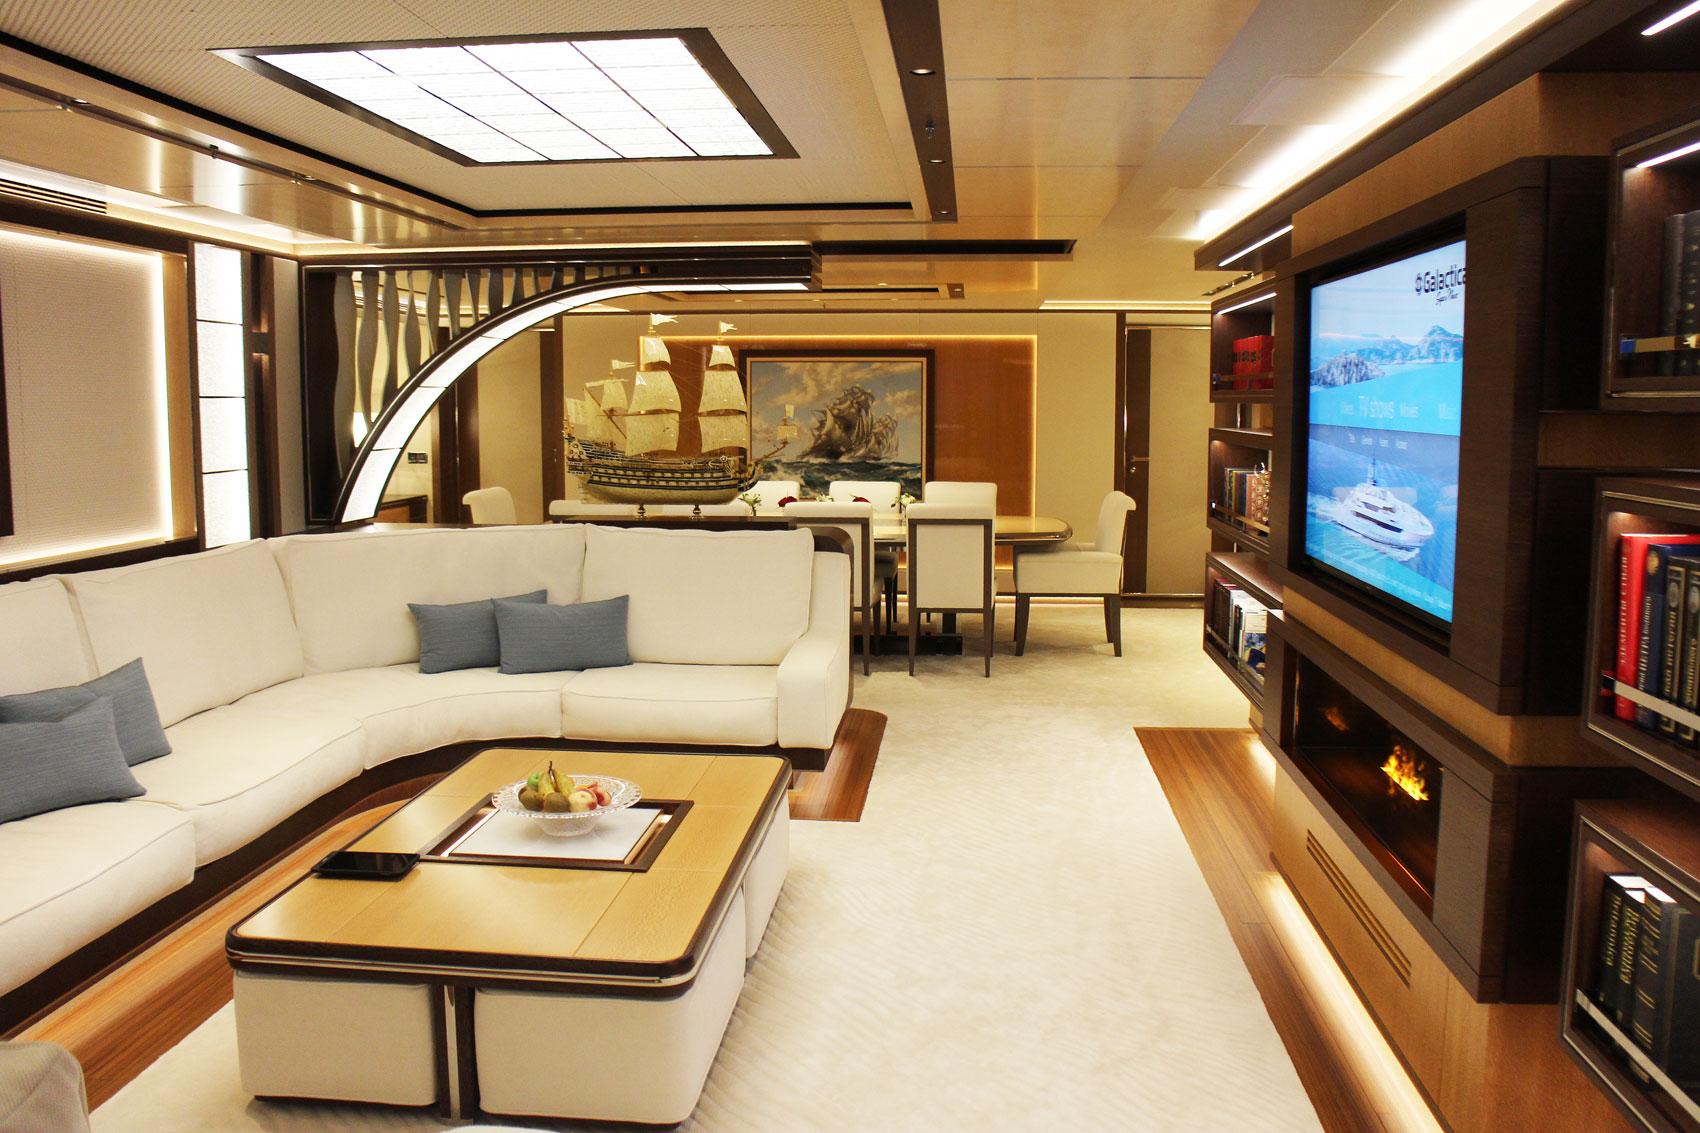 heesen-yachts-galactica-super-interior-1